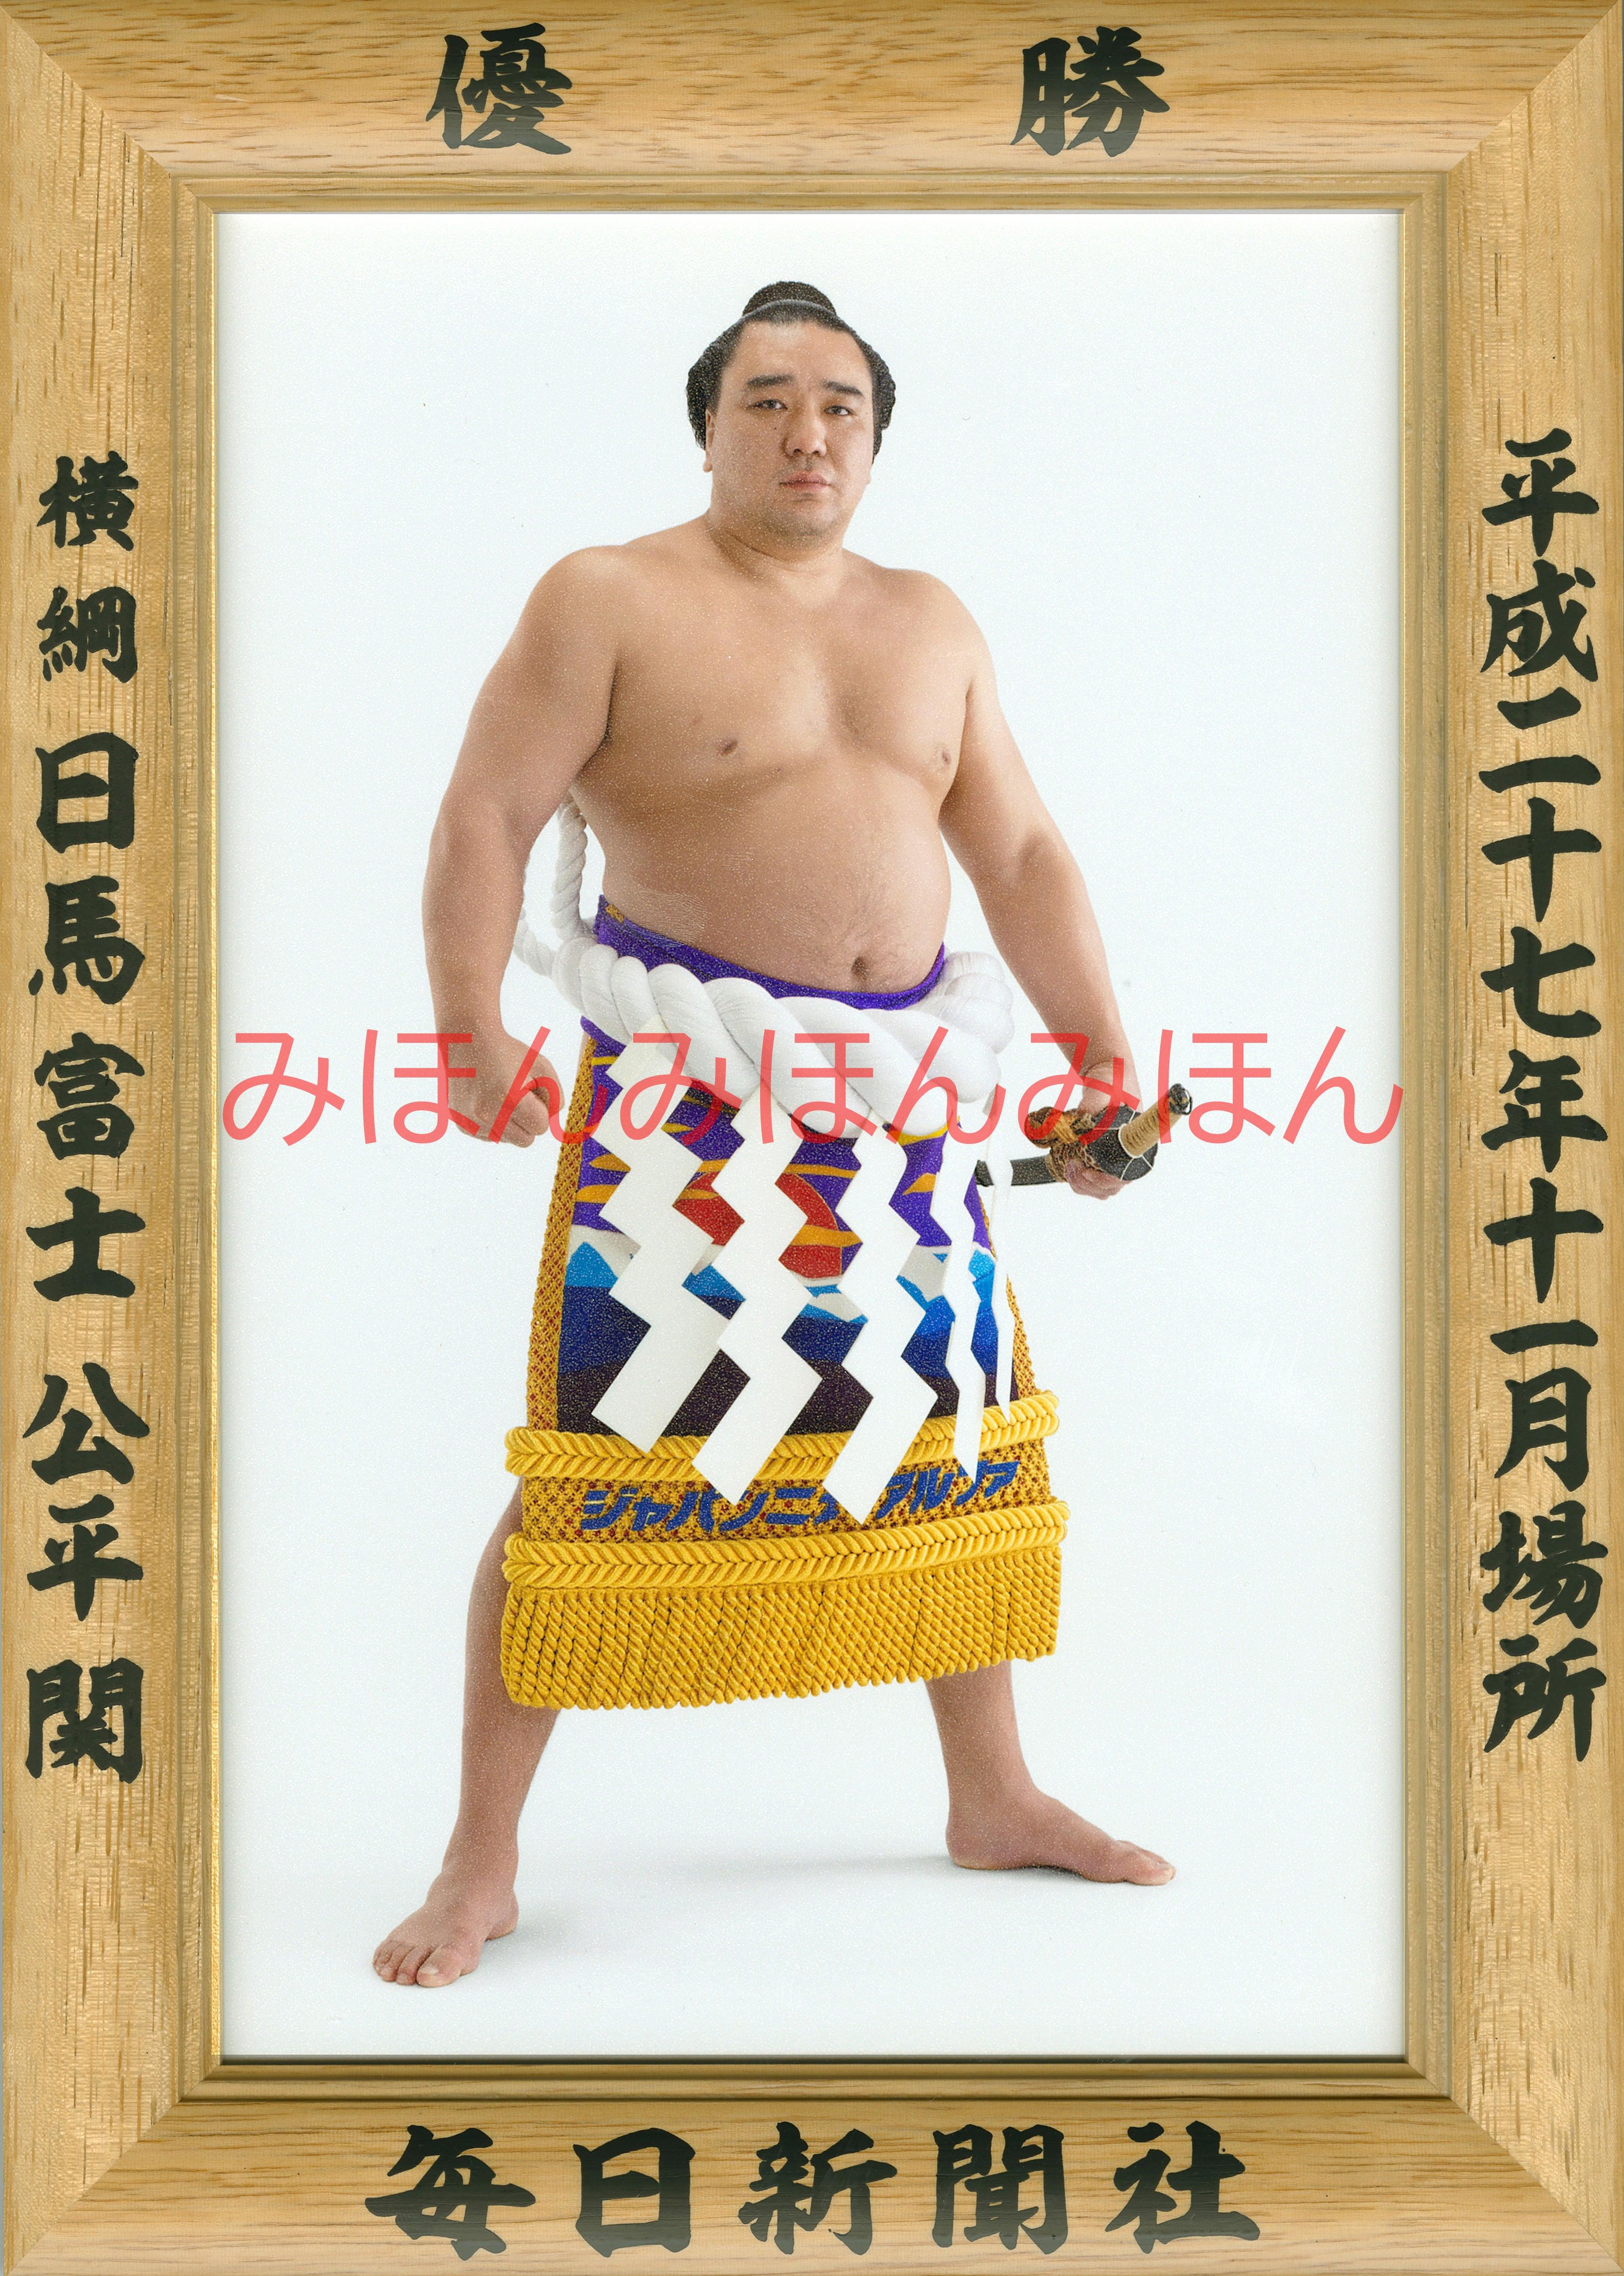 平成27(2015)年11月場所優勝 横綱 日馬富士公平関(7回目の優勝)